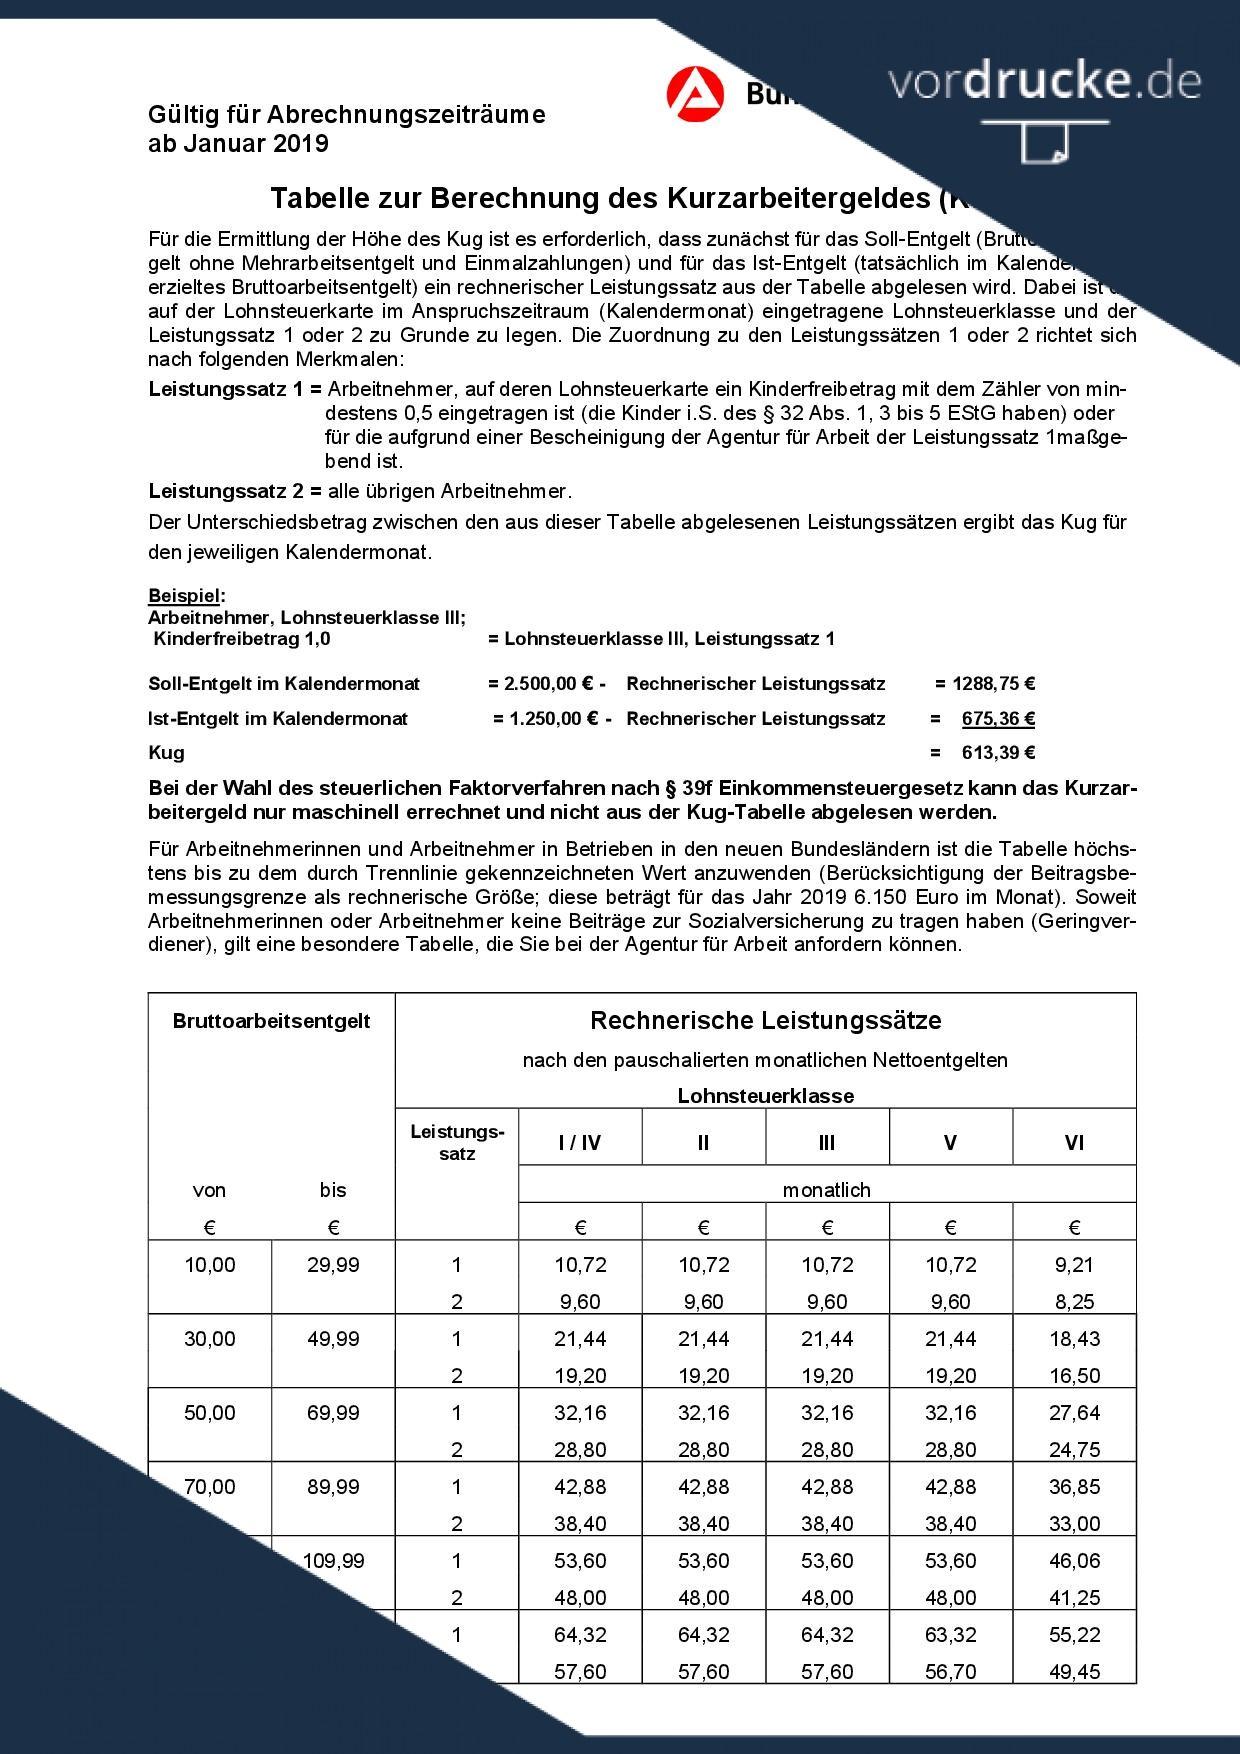 Tabelle-zur-Berechnung-des-Kurzarbeitergeldes-2019